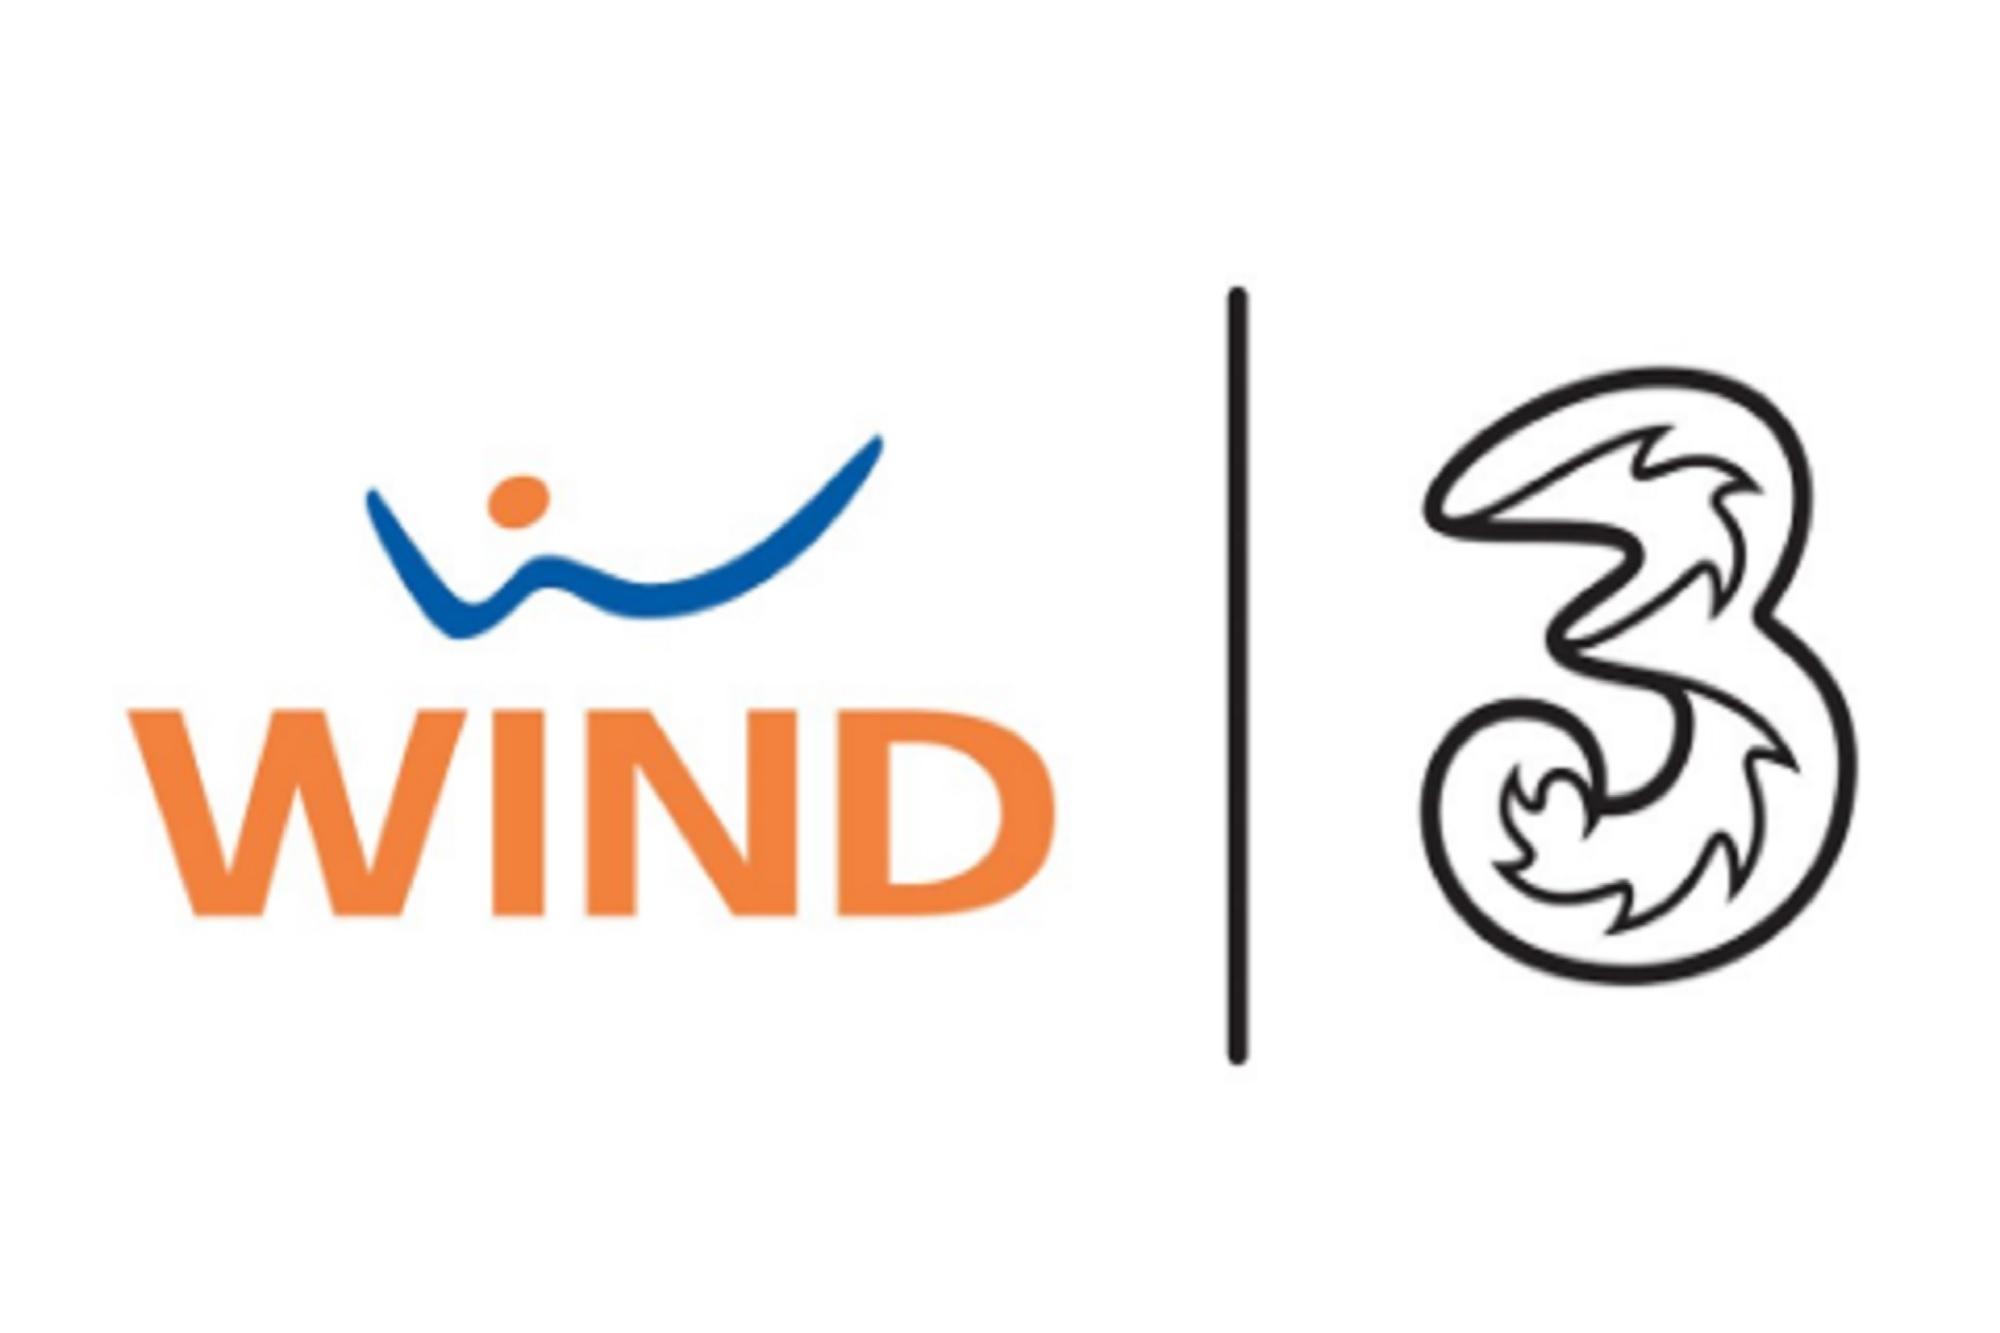 Rete cellulare Wind 3